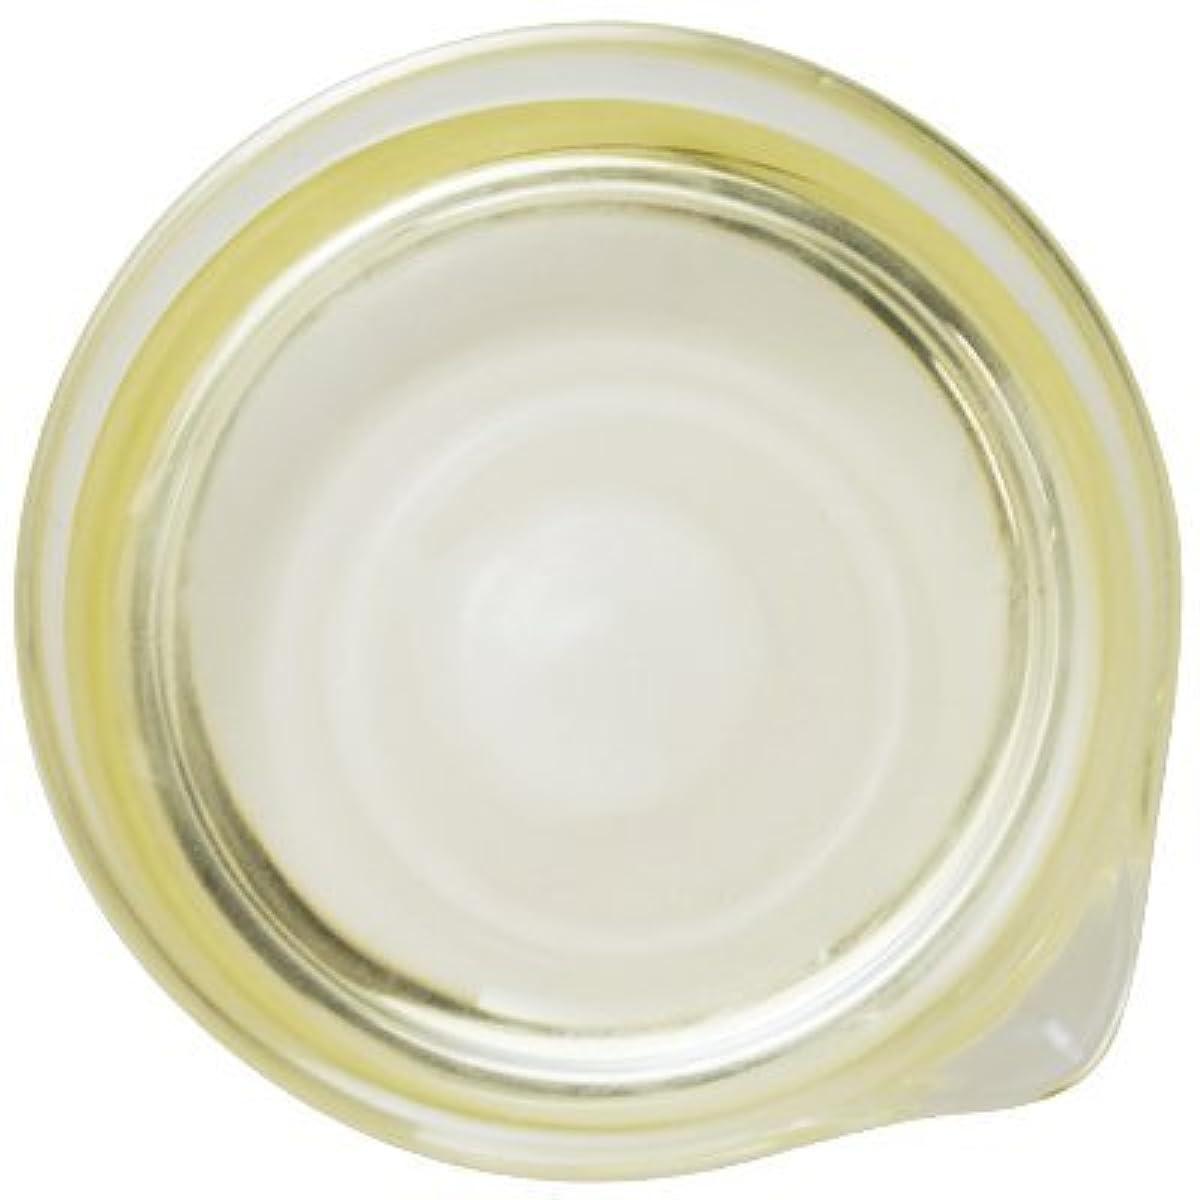 四分円現実西セサミオイル 250ml [白ごま油]【手作り石鹸/手作りコスメ/ごま油】【birth】